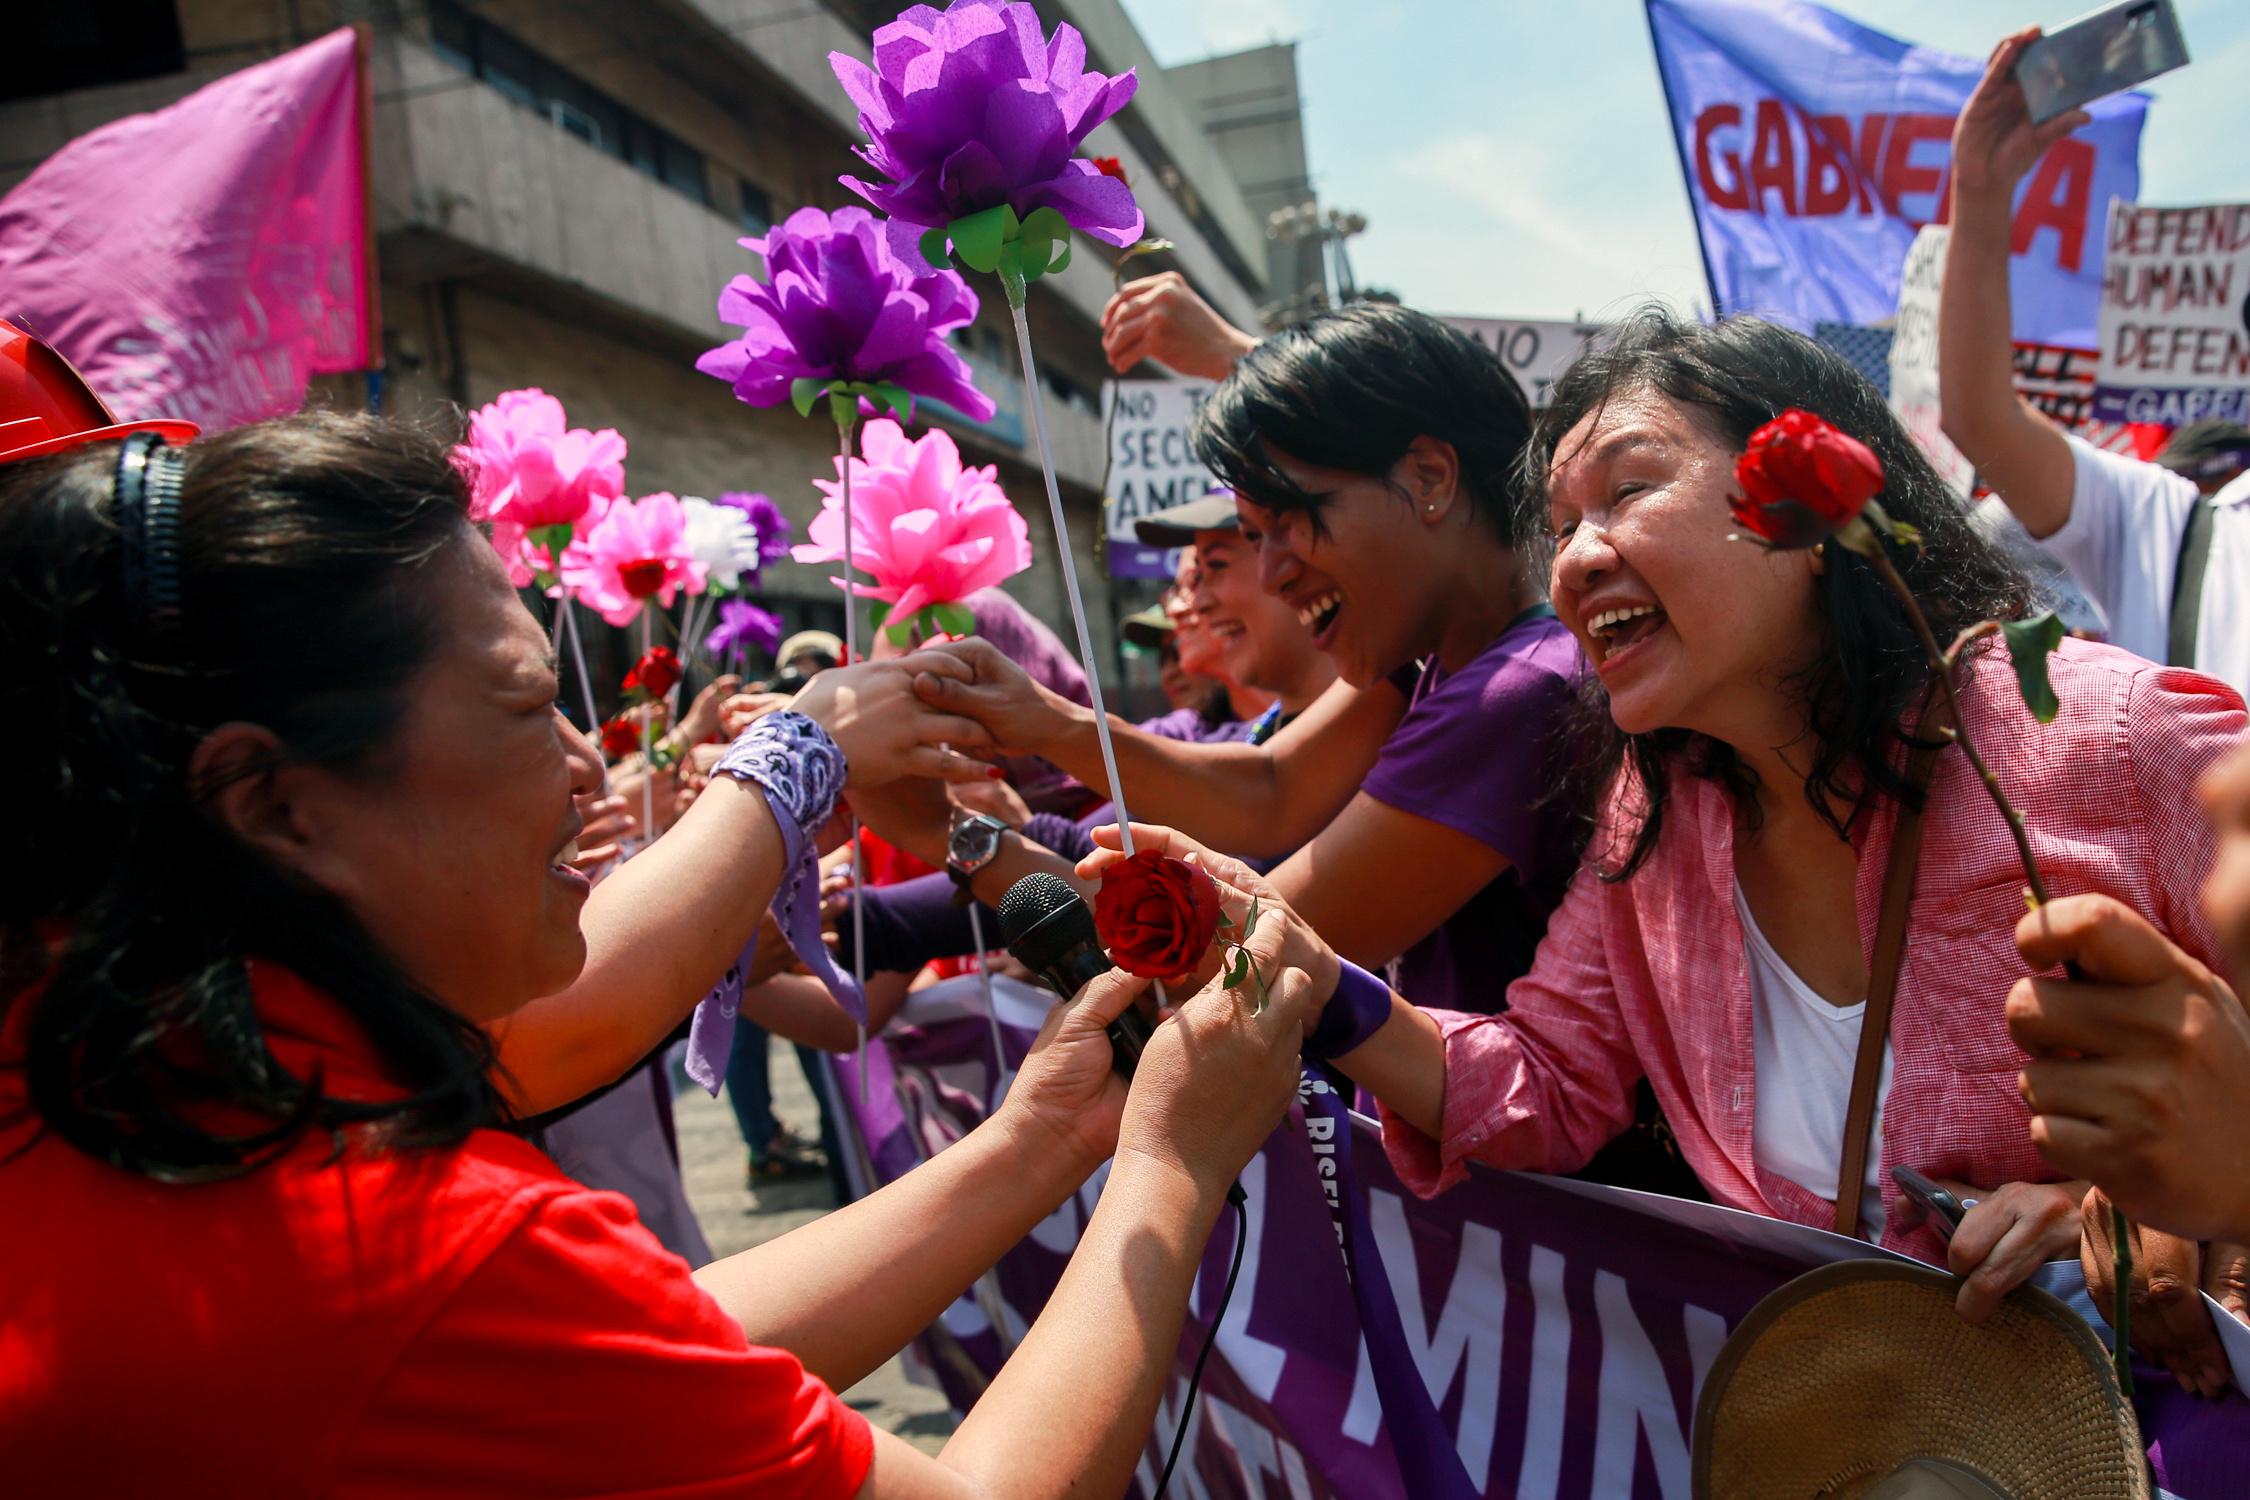 Mujeres intercambian flores durante la marcha en Manila, Filipinas (REUTERS/Eloisa Lopez)